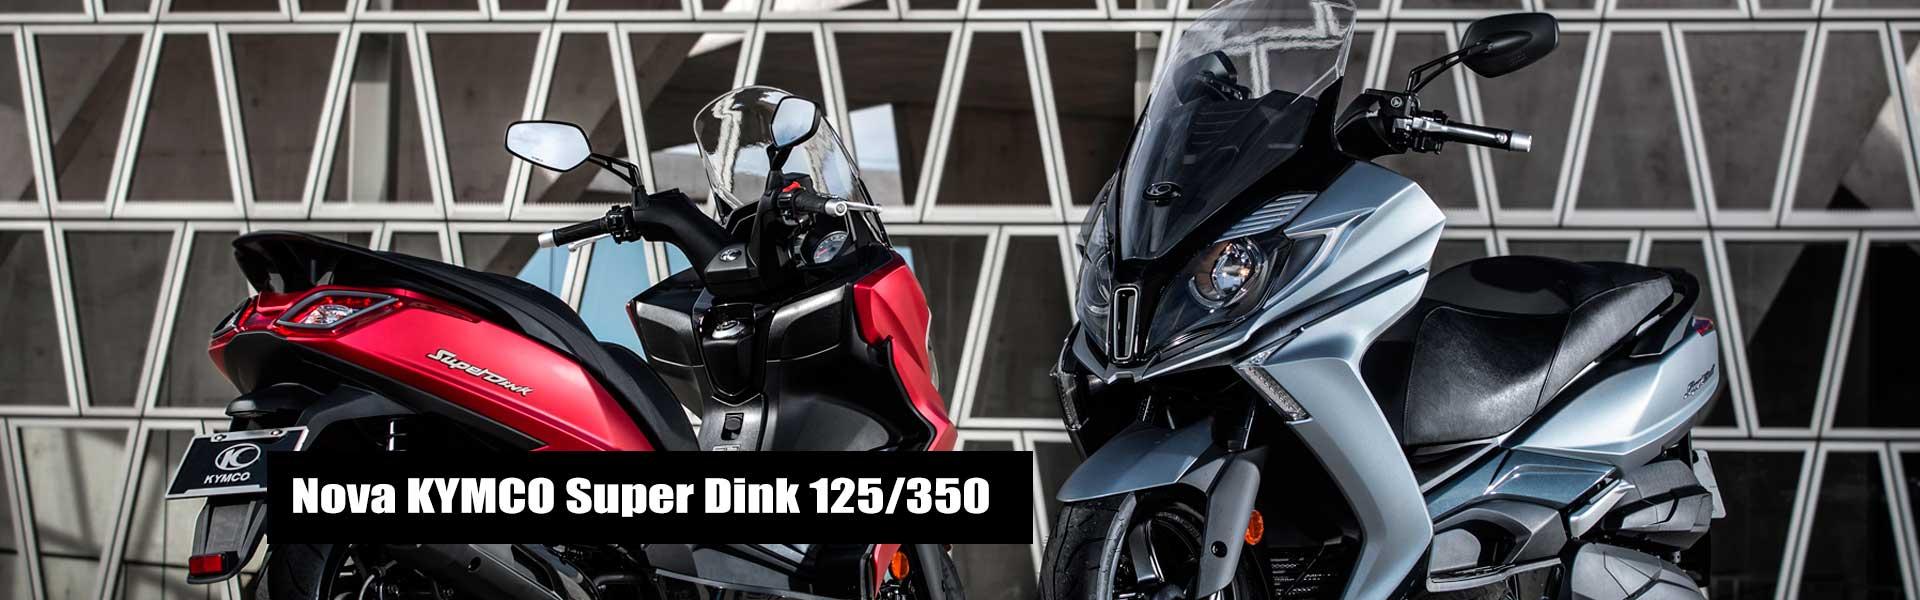 kymco-girona-super-dink-motos-trafach-3